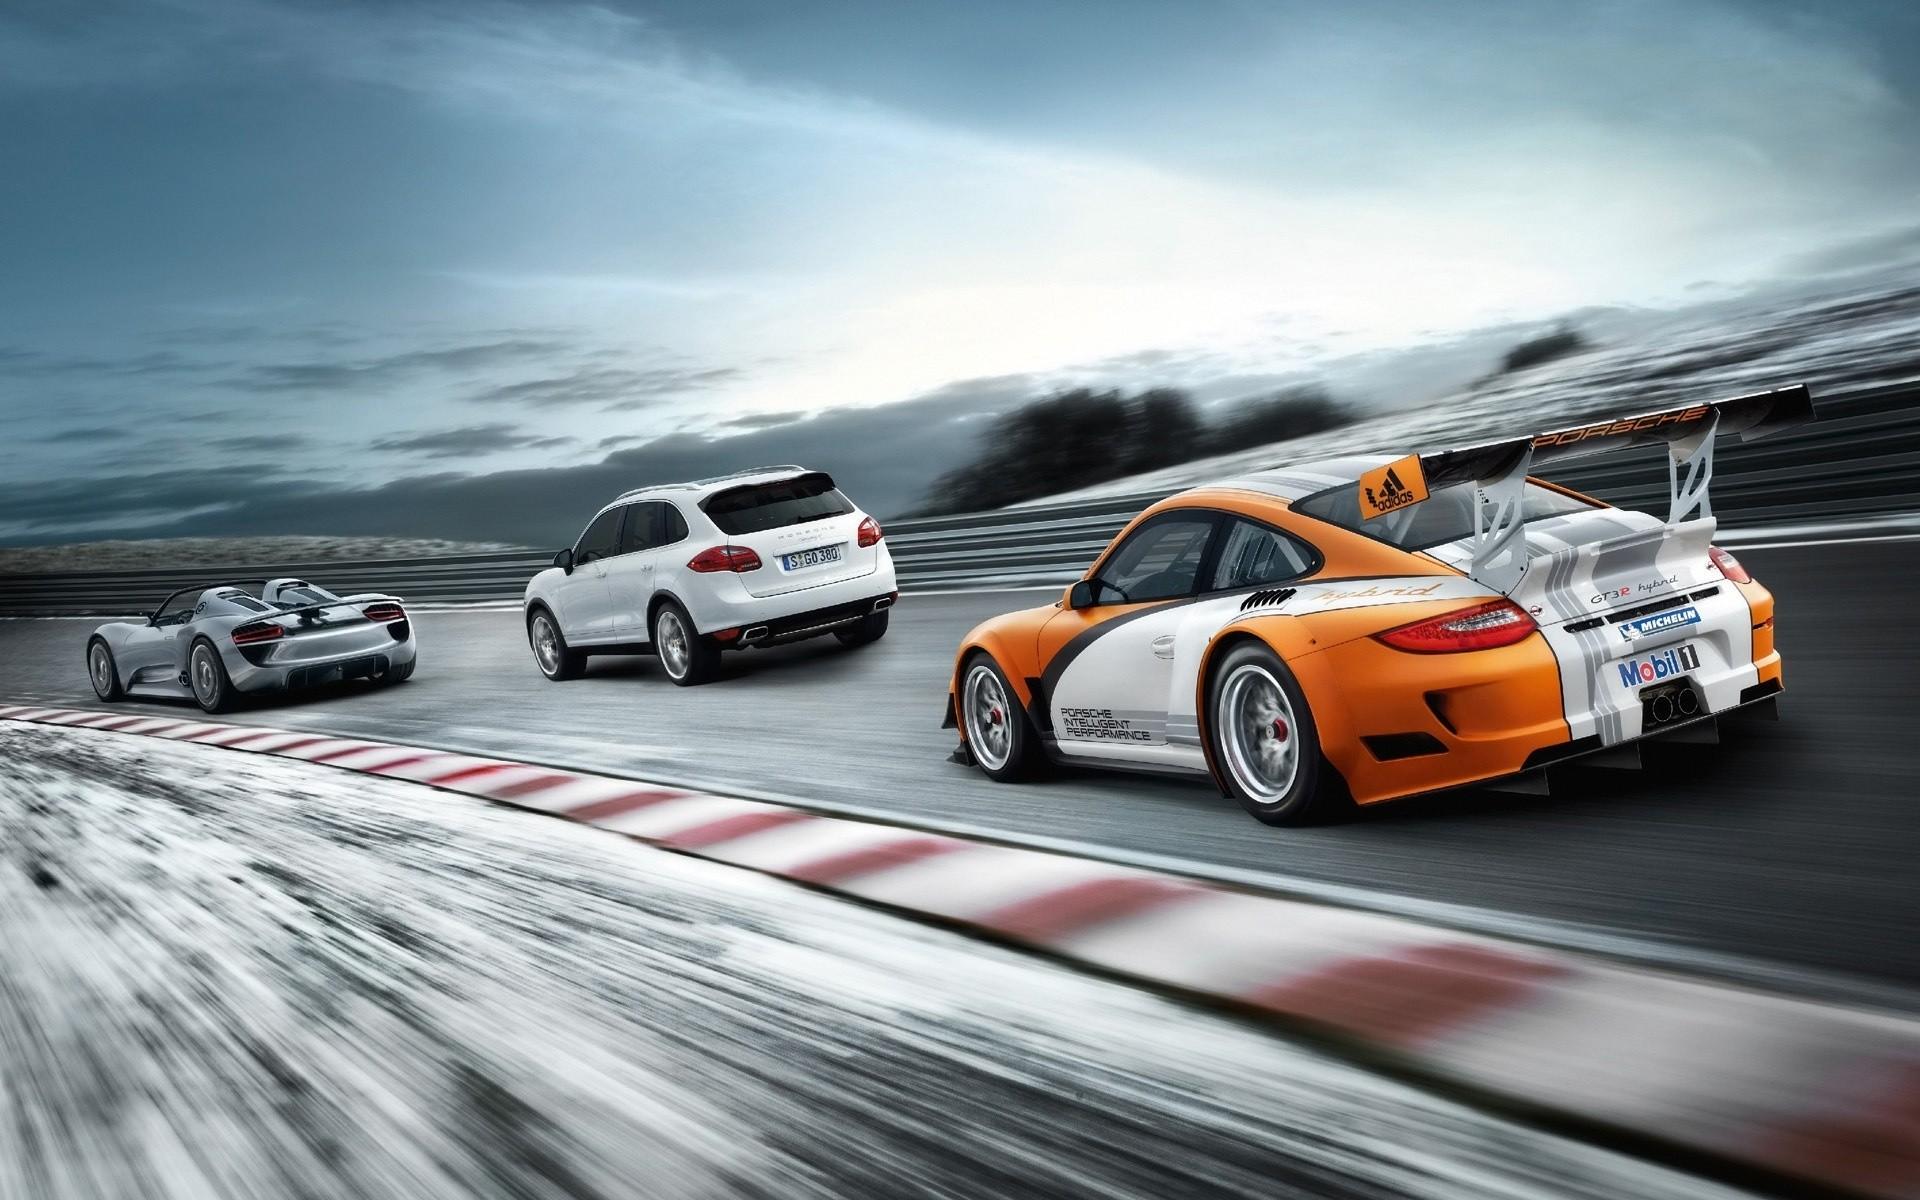 Автомобильные гонки старт бесплатно